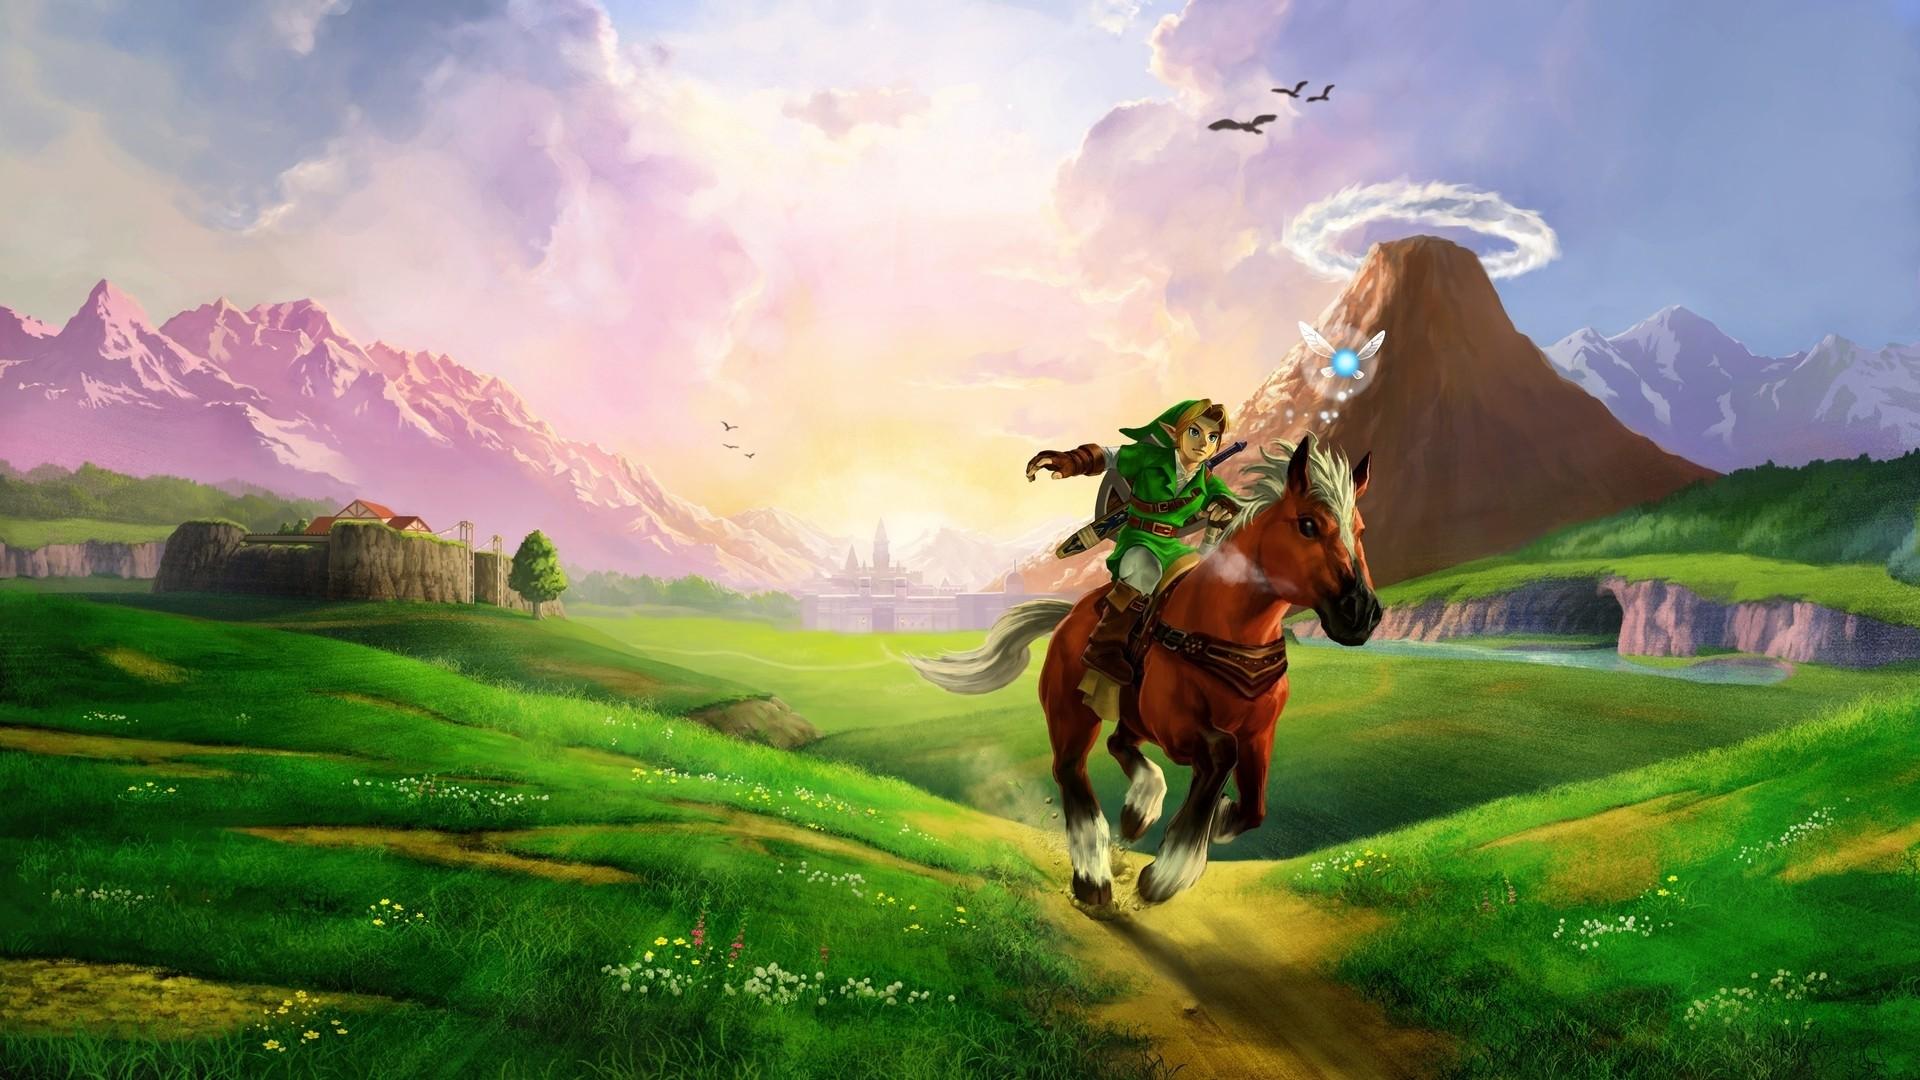 Legend of Zelda Desktop Wallpaper (80+